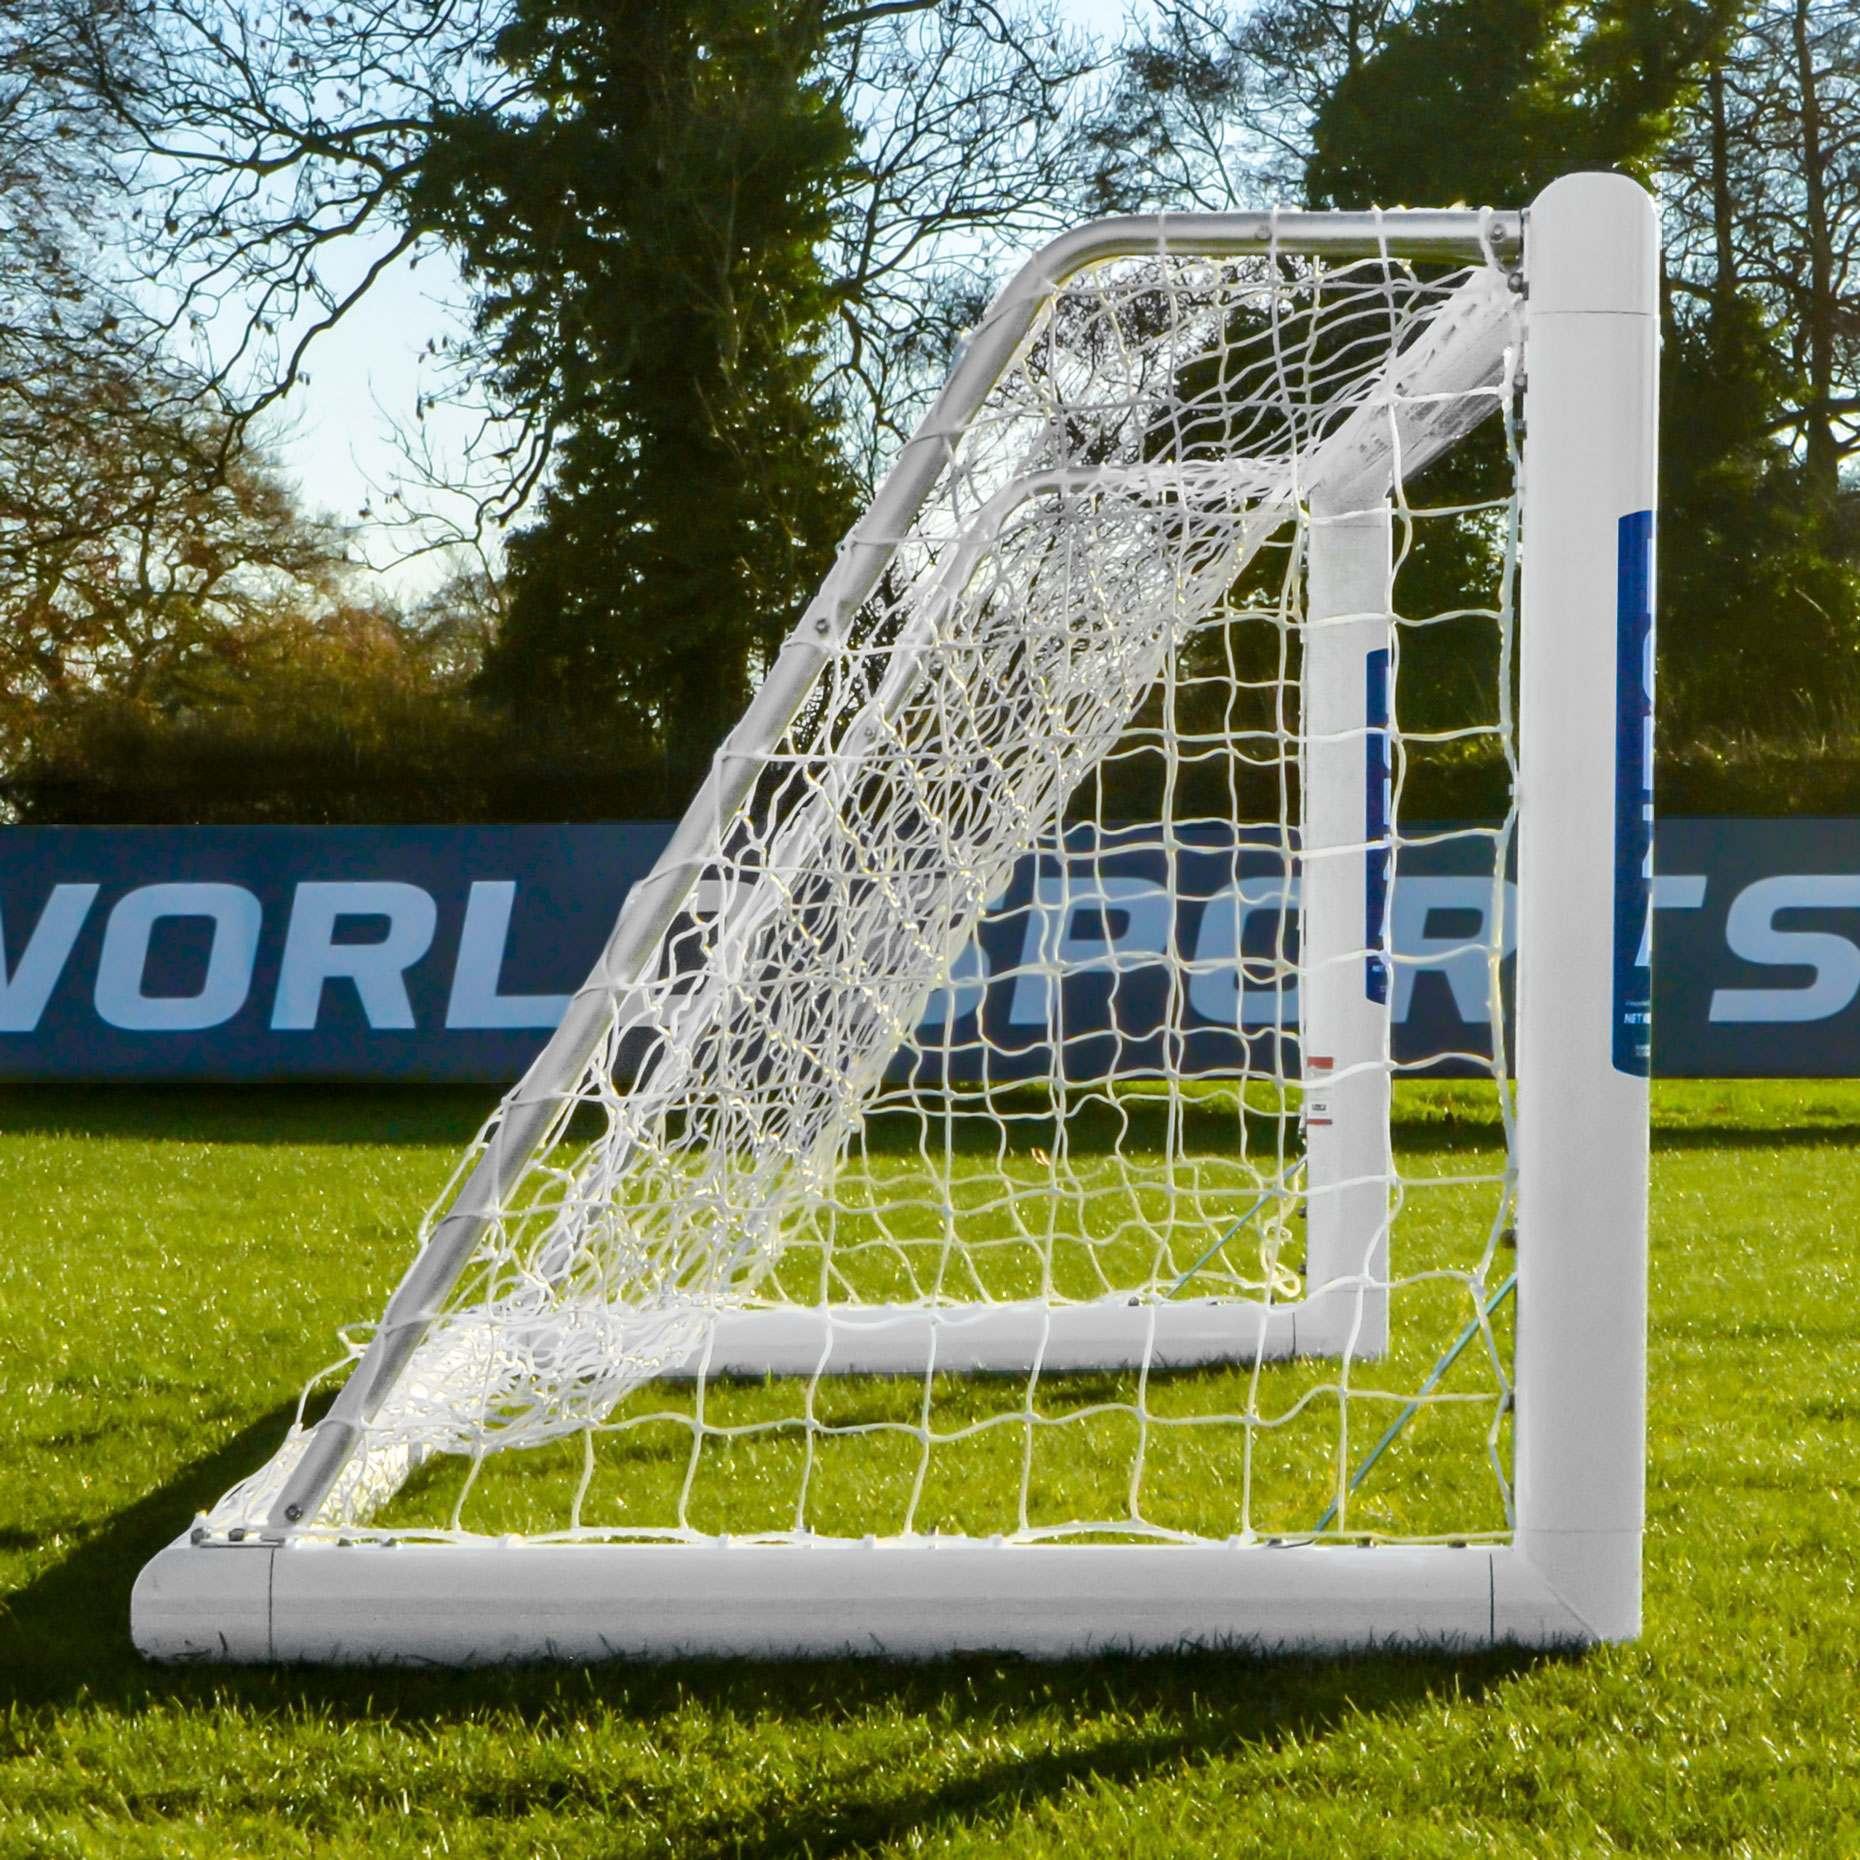 Ultra Durable Soccer Goals